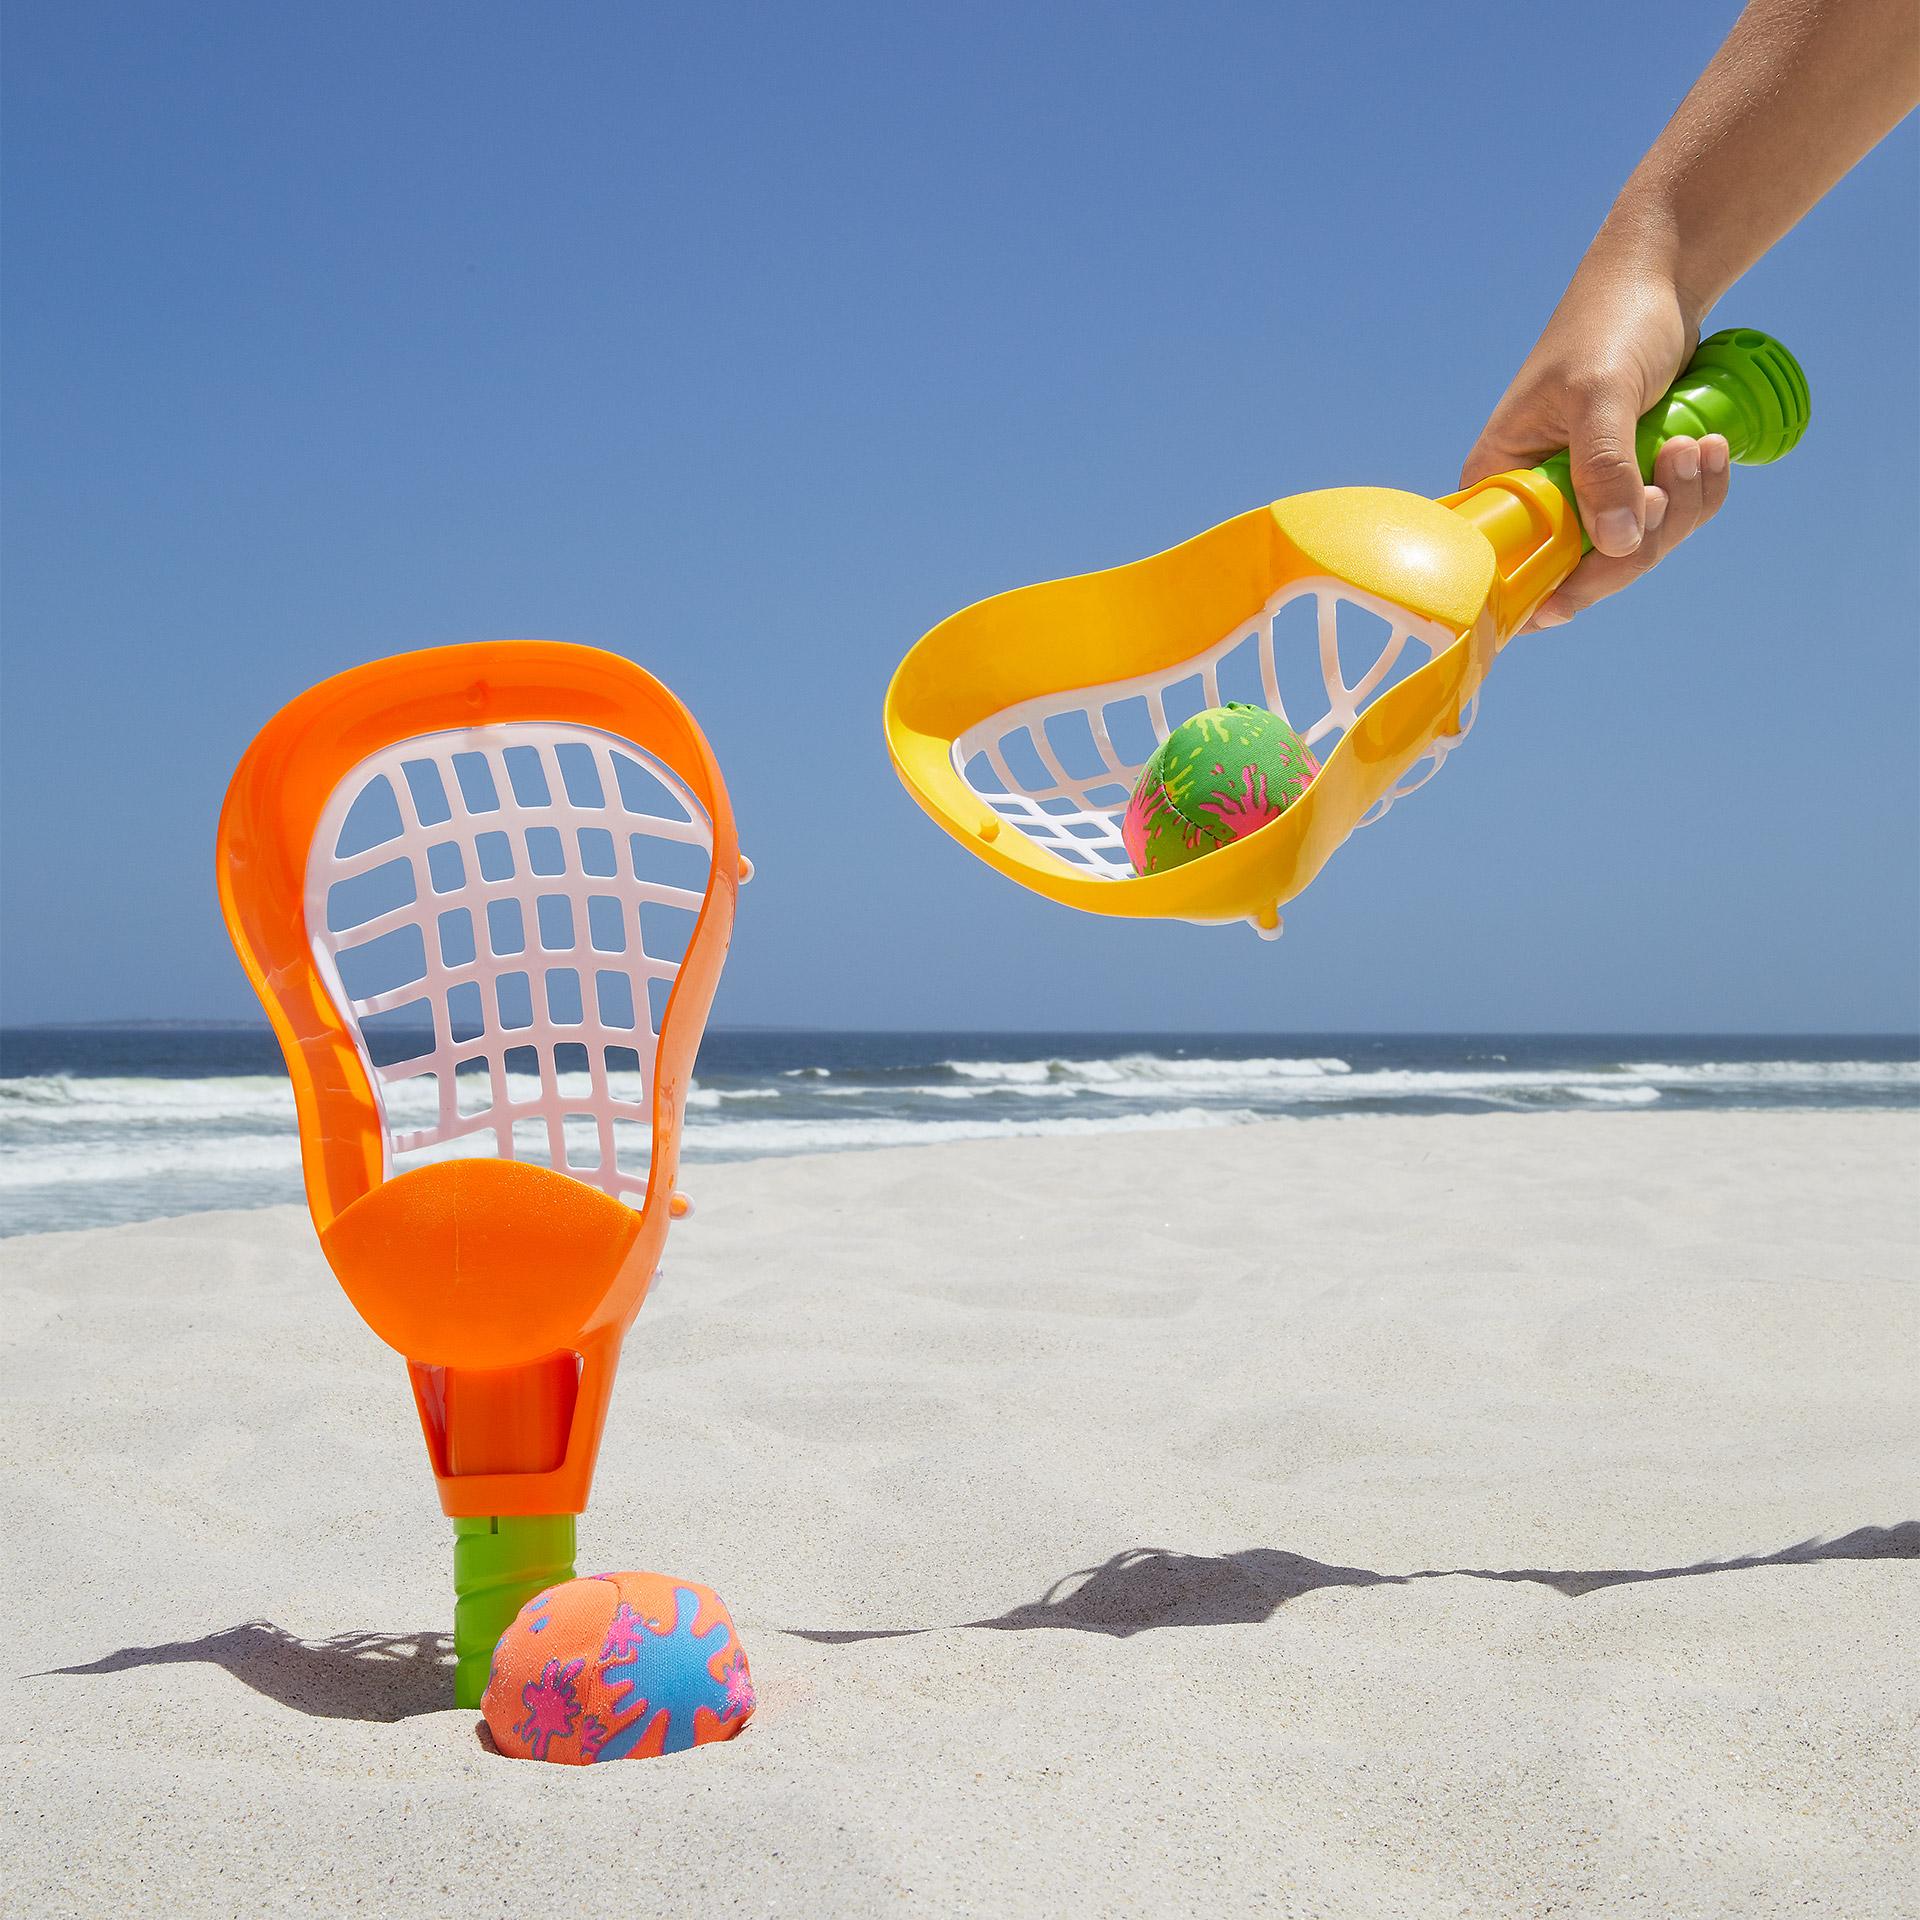 Beachlacrosse-Set (2 Schläger, 2 Bälle)